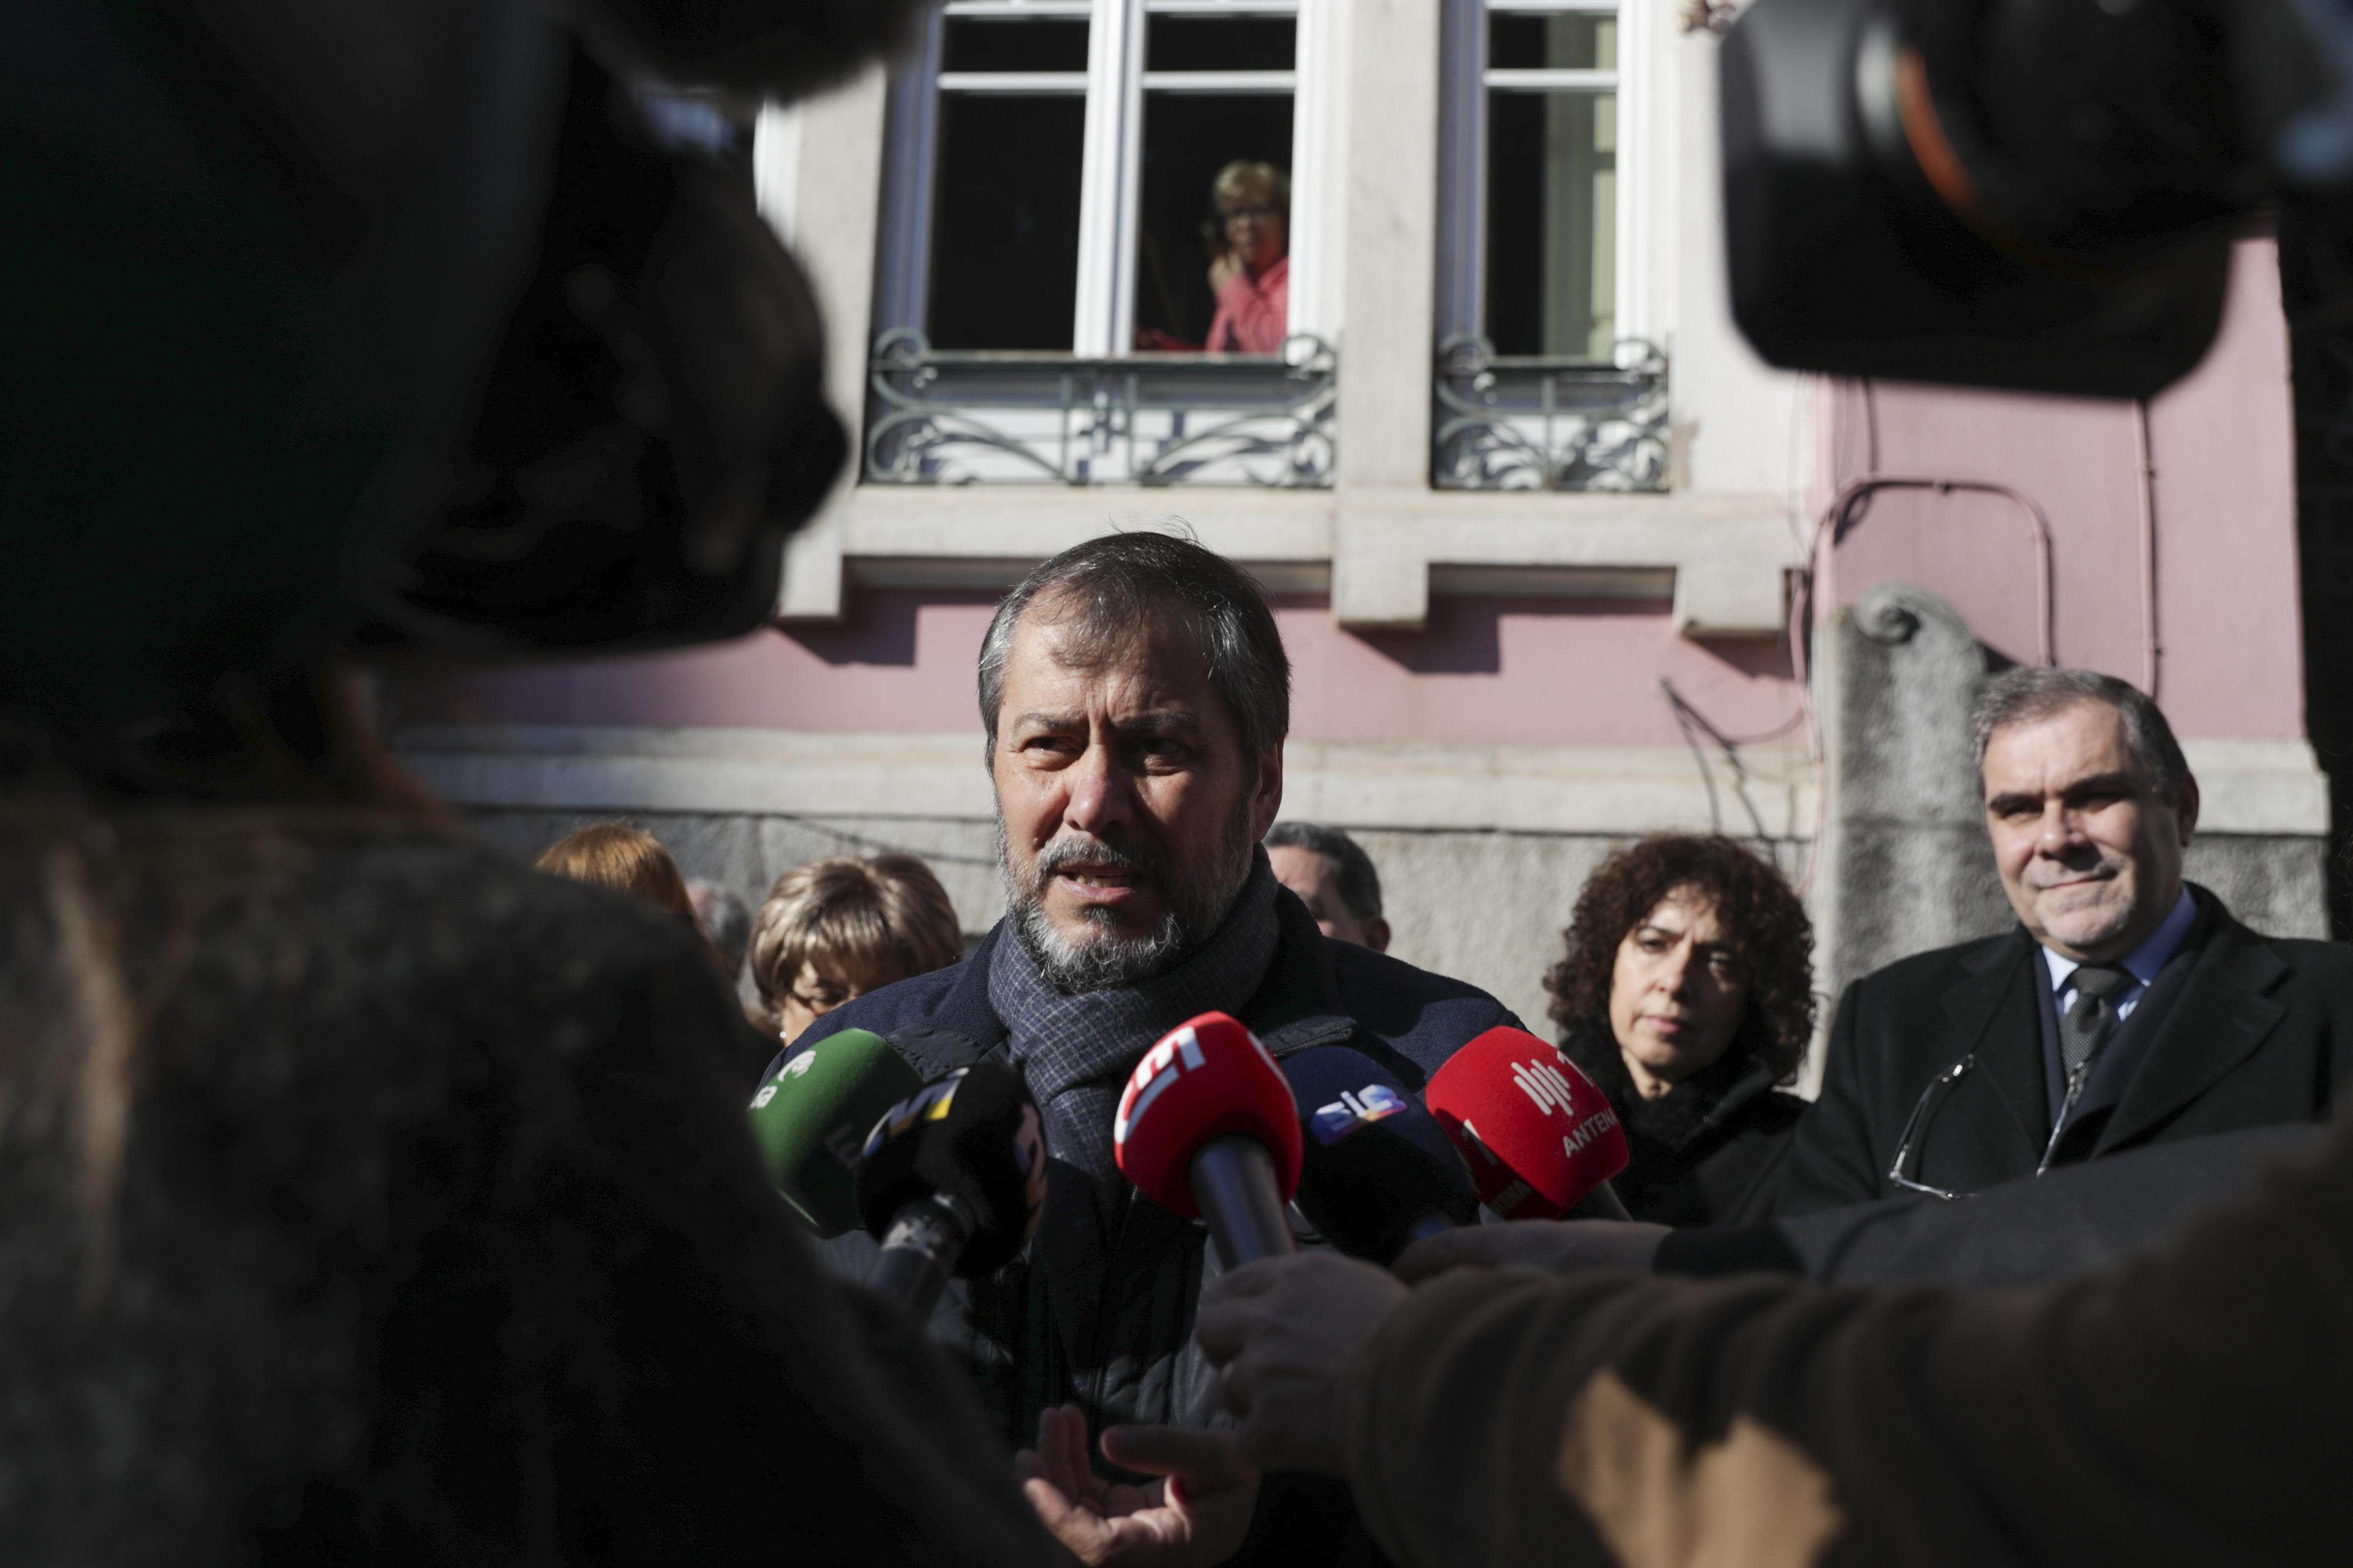 """Fenprof ameaça Governo com """"ano desgraçado"""" se não forem retomadas negociações"""